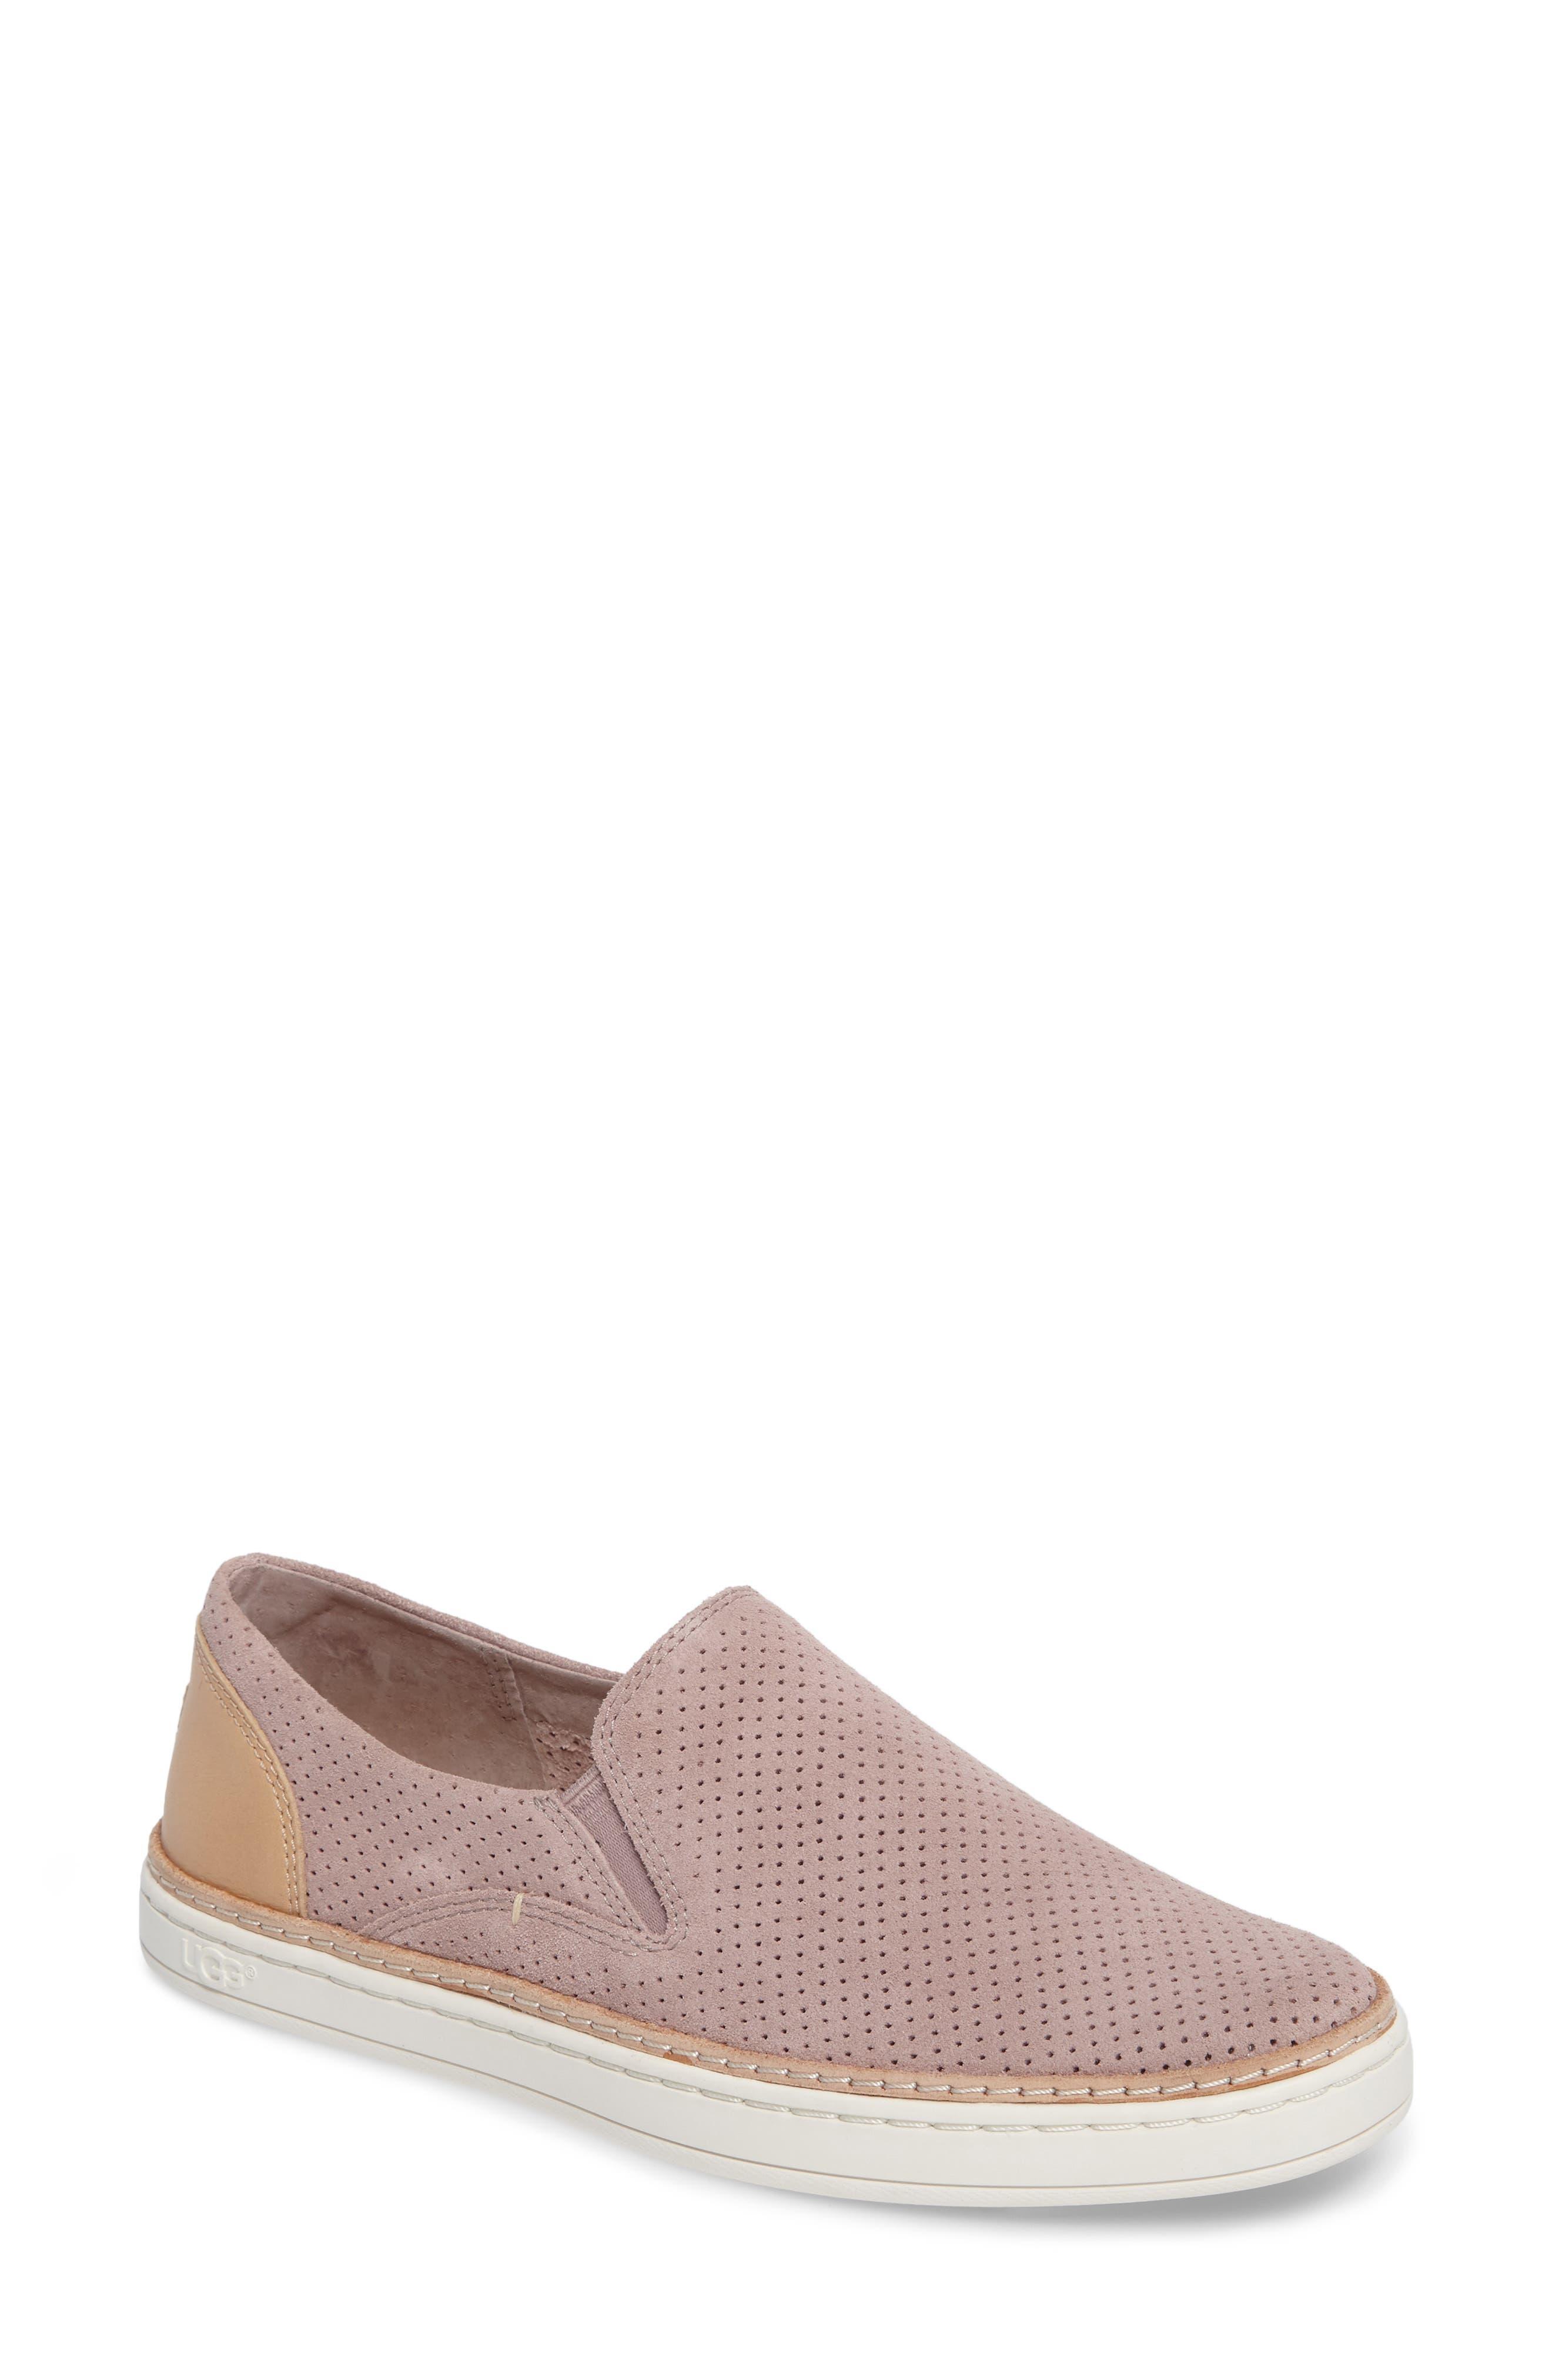 Adley Slip-On Sneaker,                             Main thumbnail 9, color,